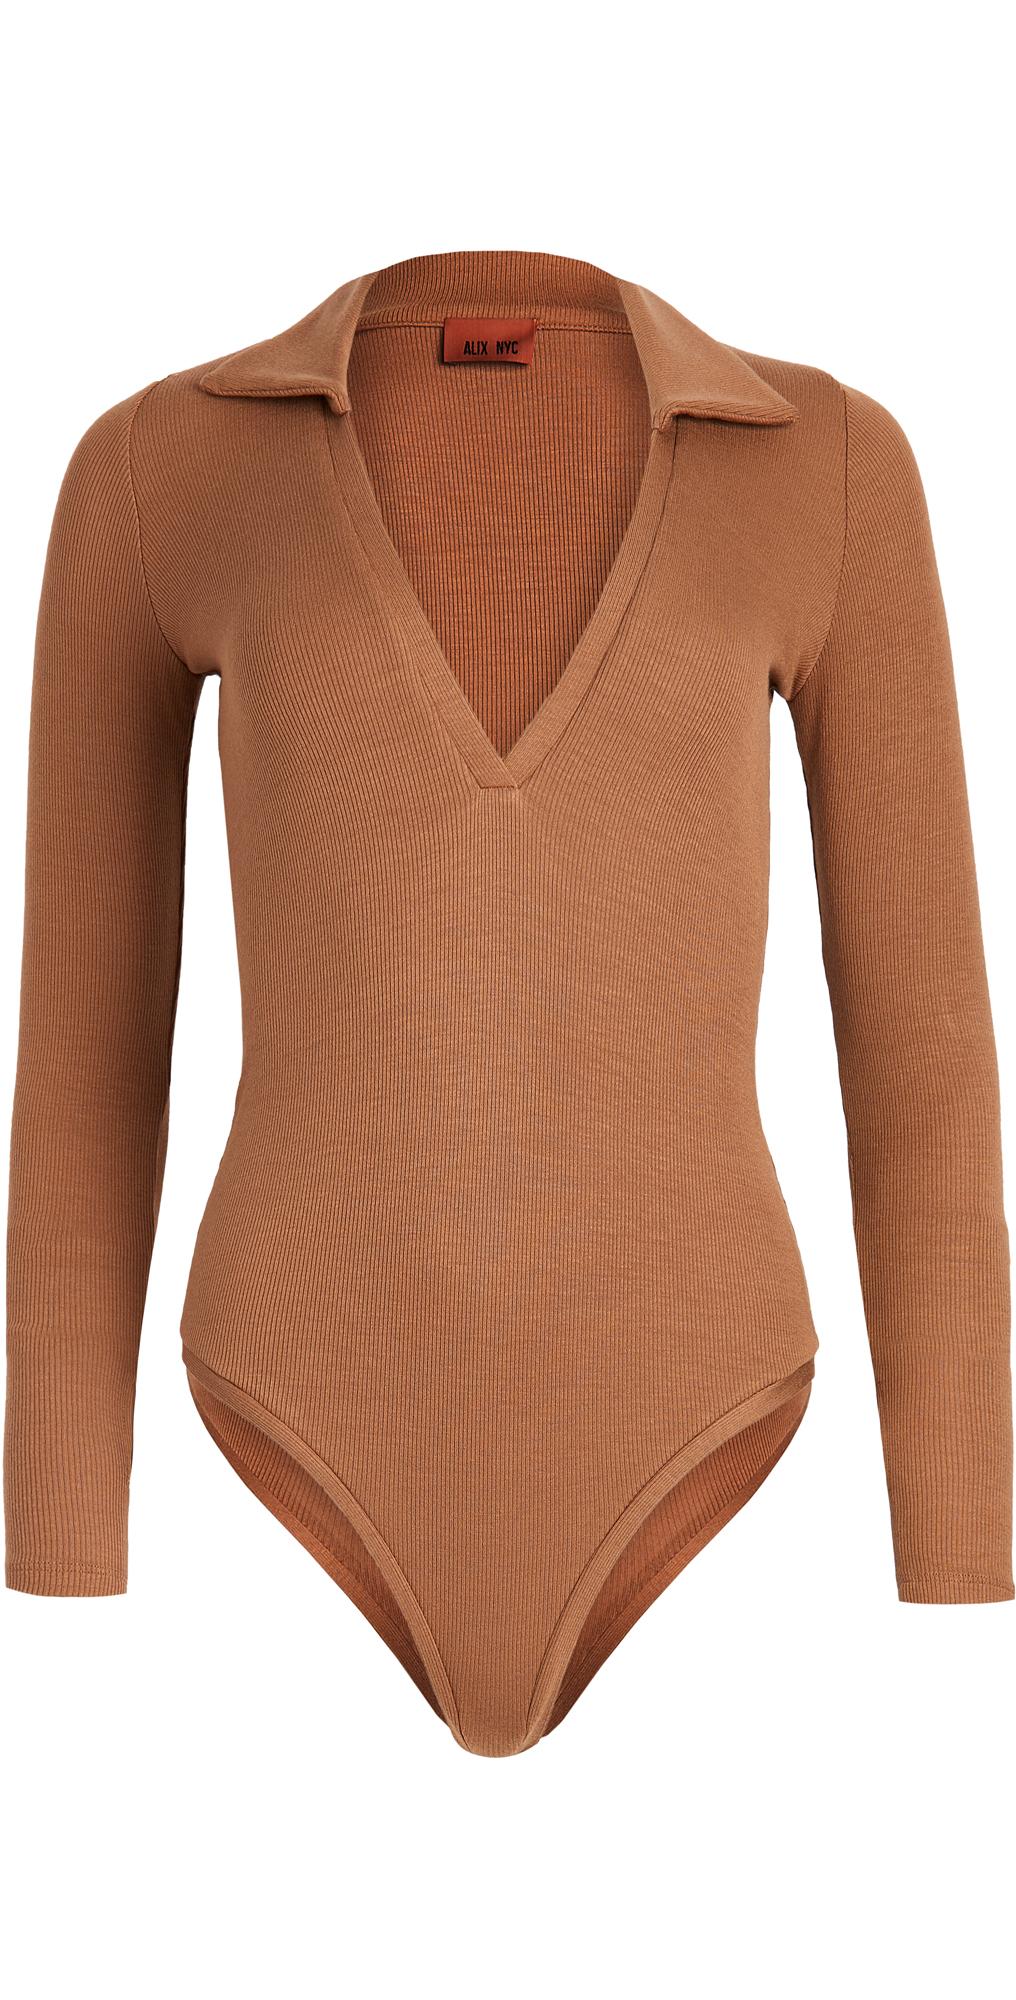 Alix Monterey Bodysuit